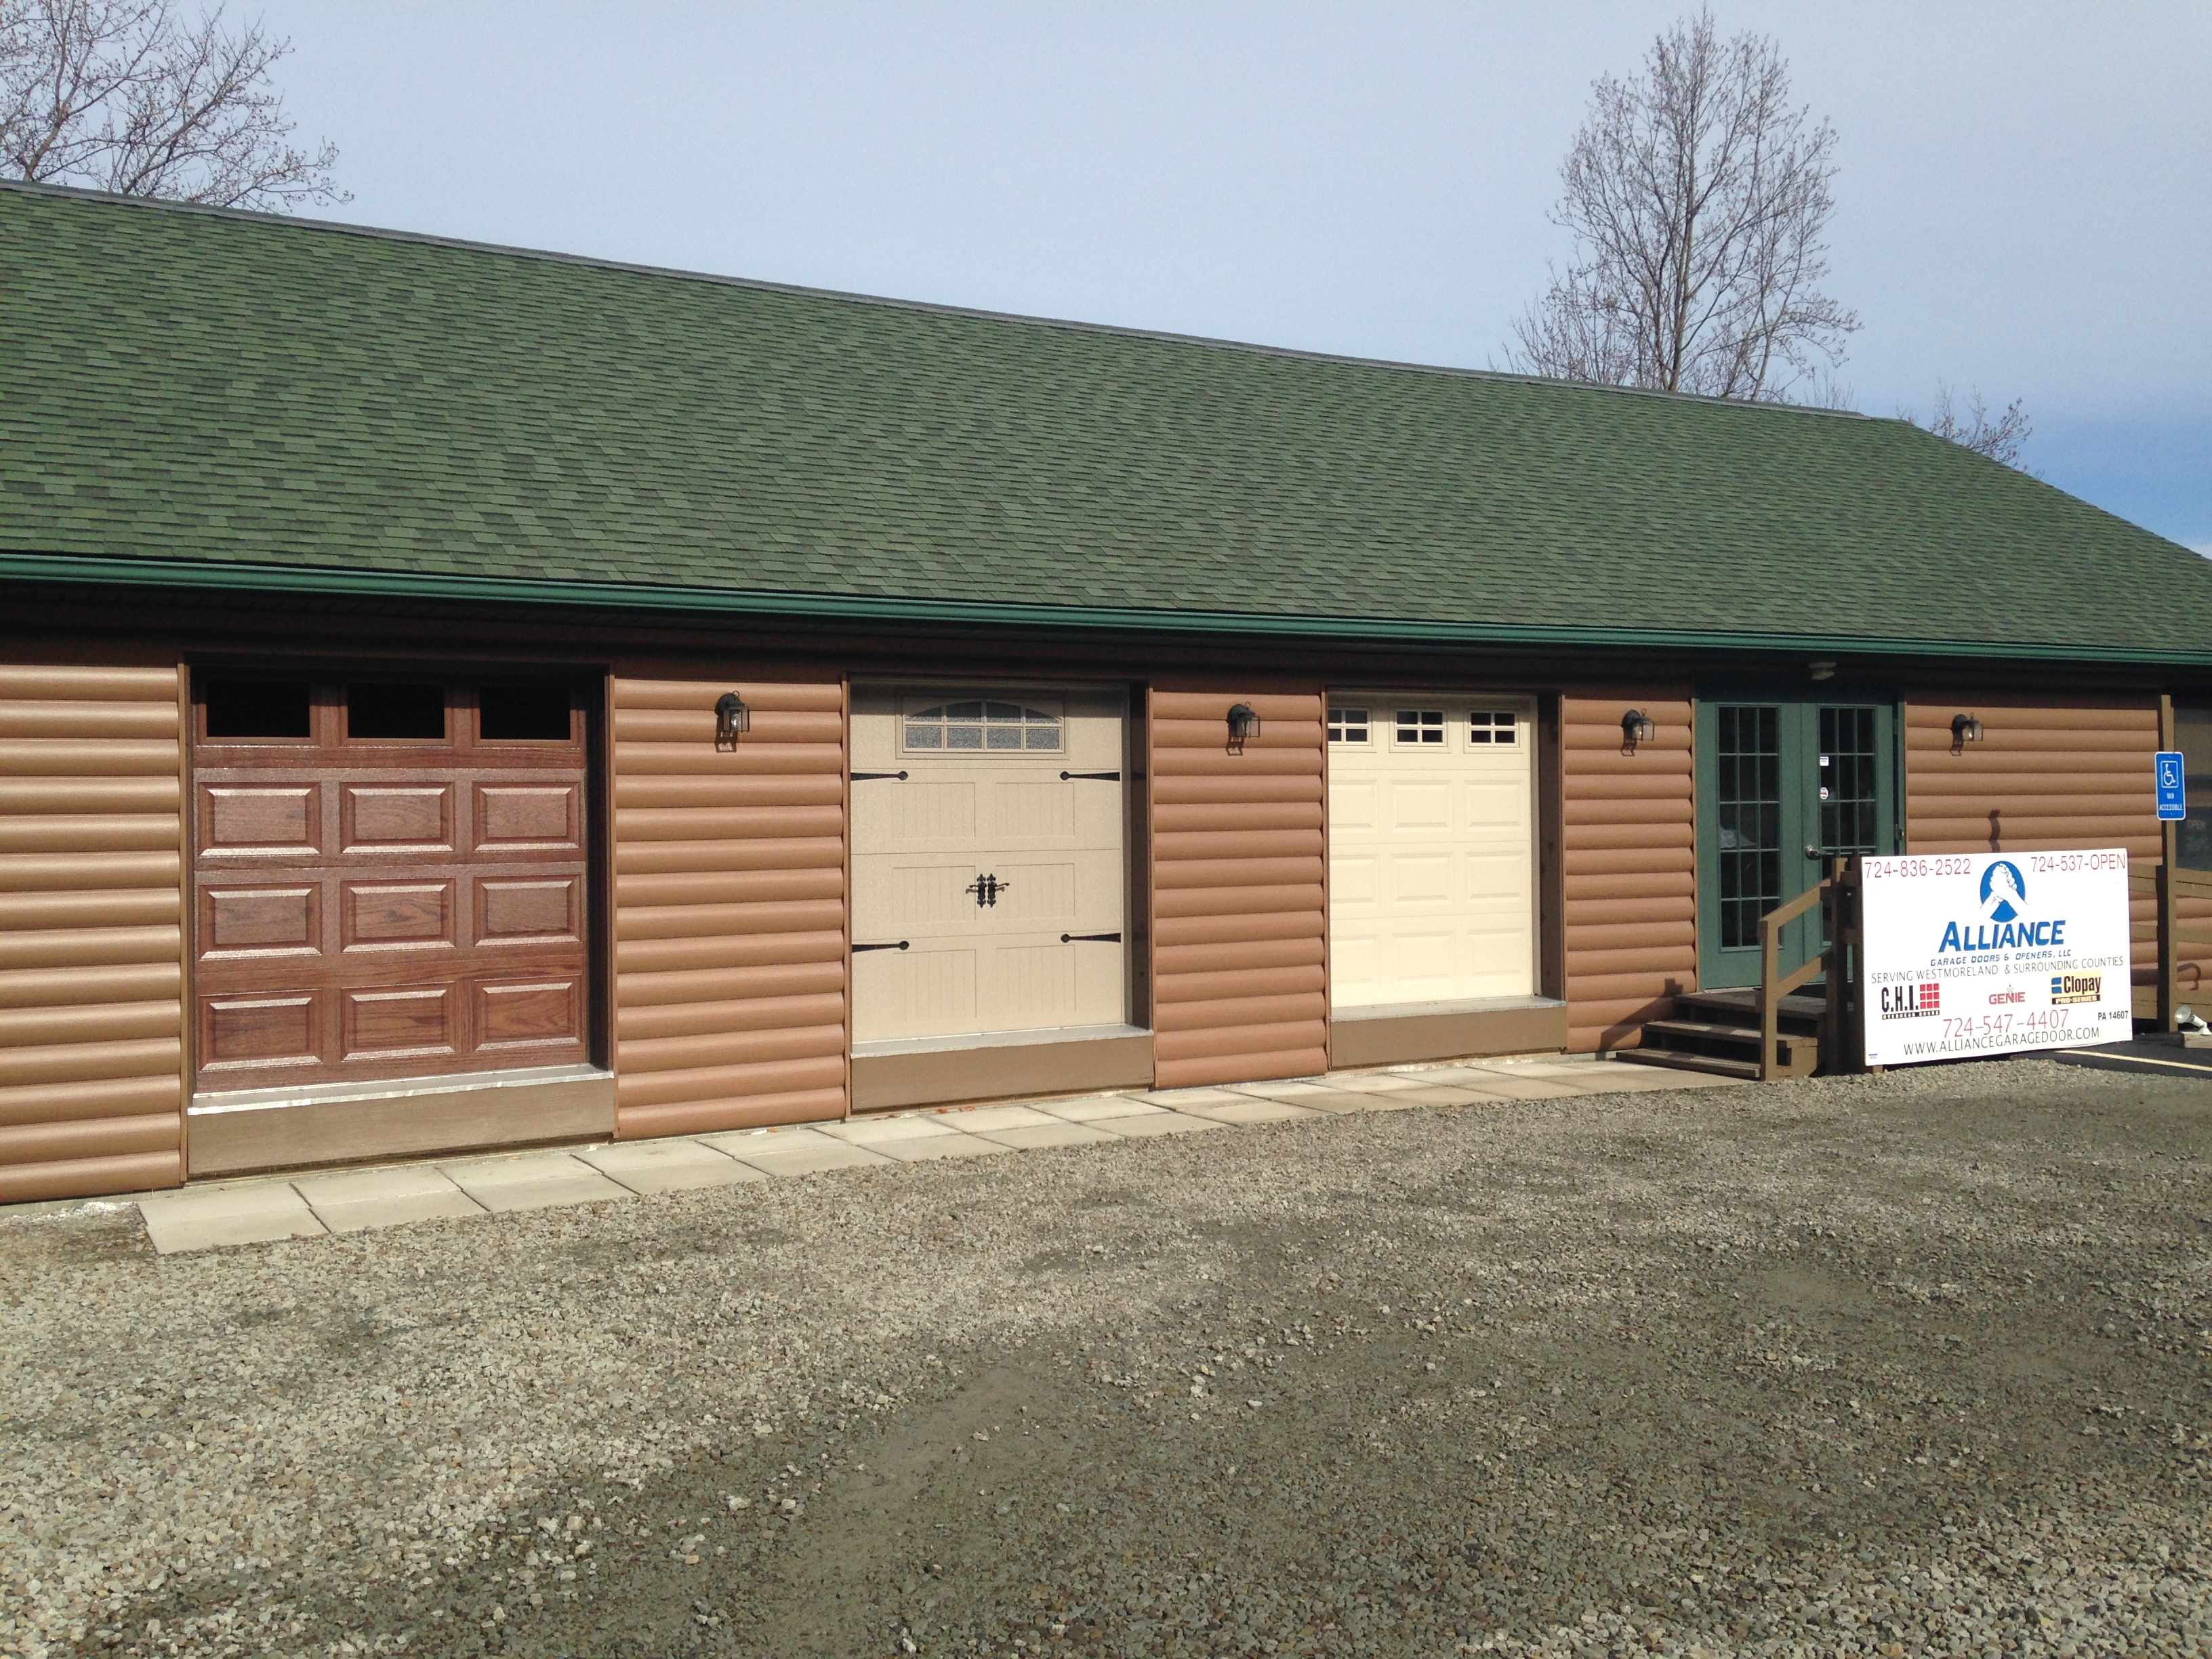 Alliance Garage Doors Amp Openers In Greensburg Pa 15601